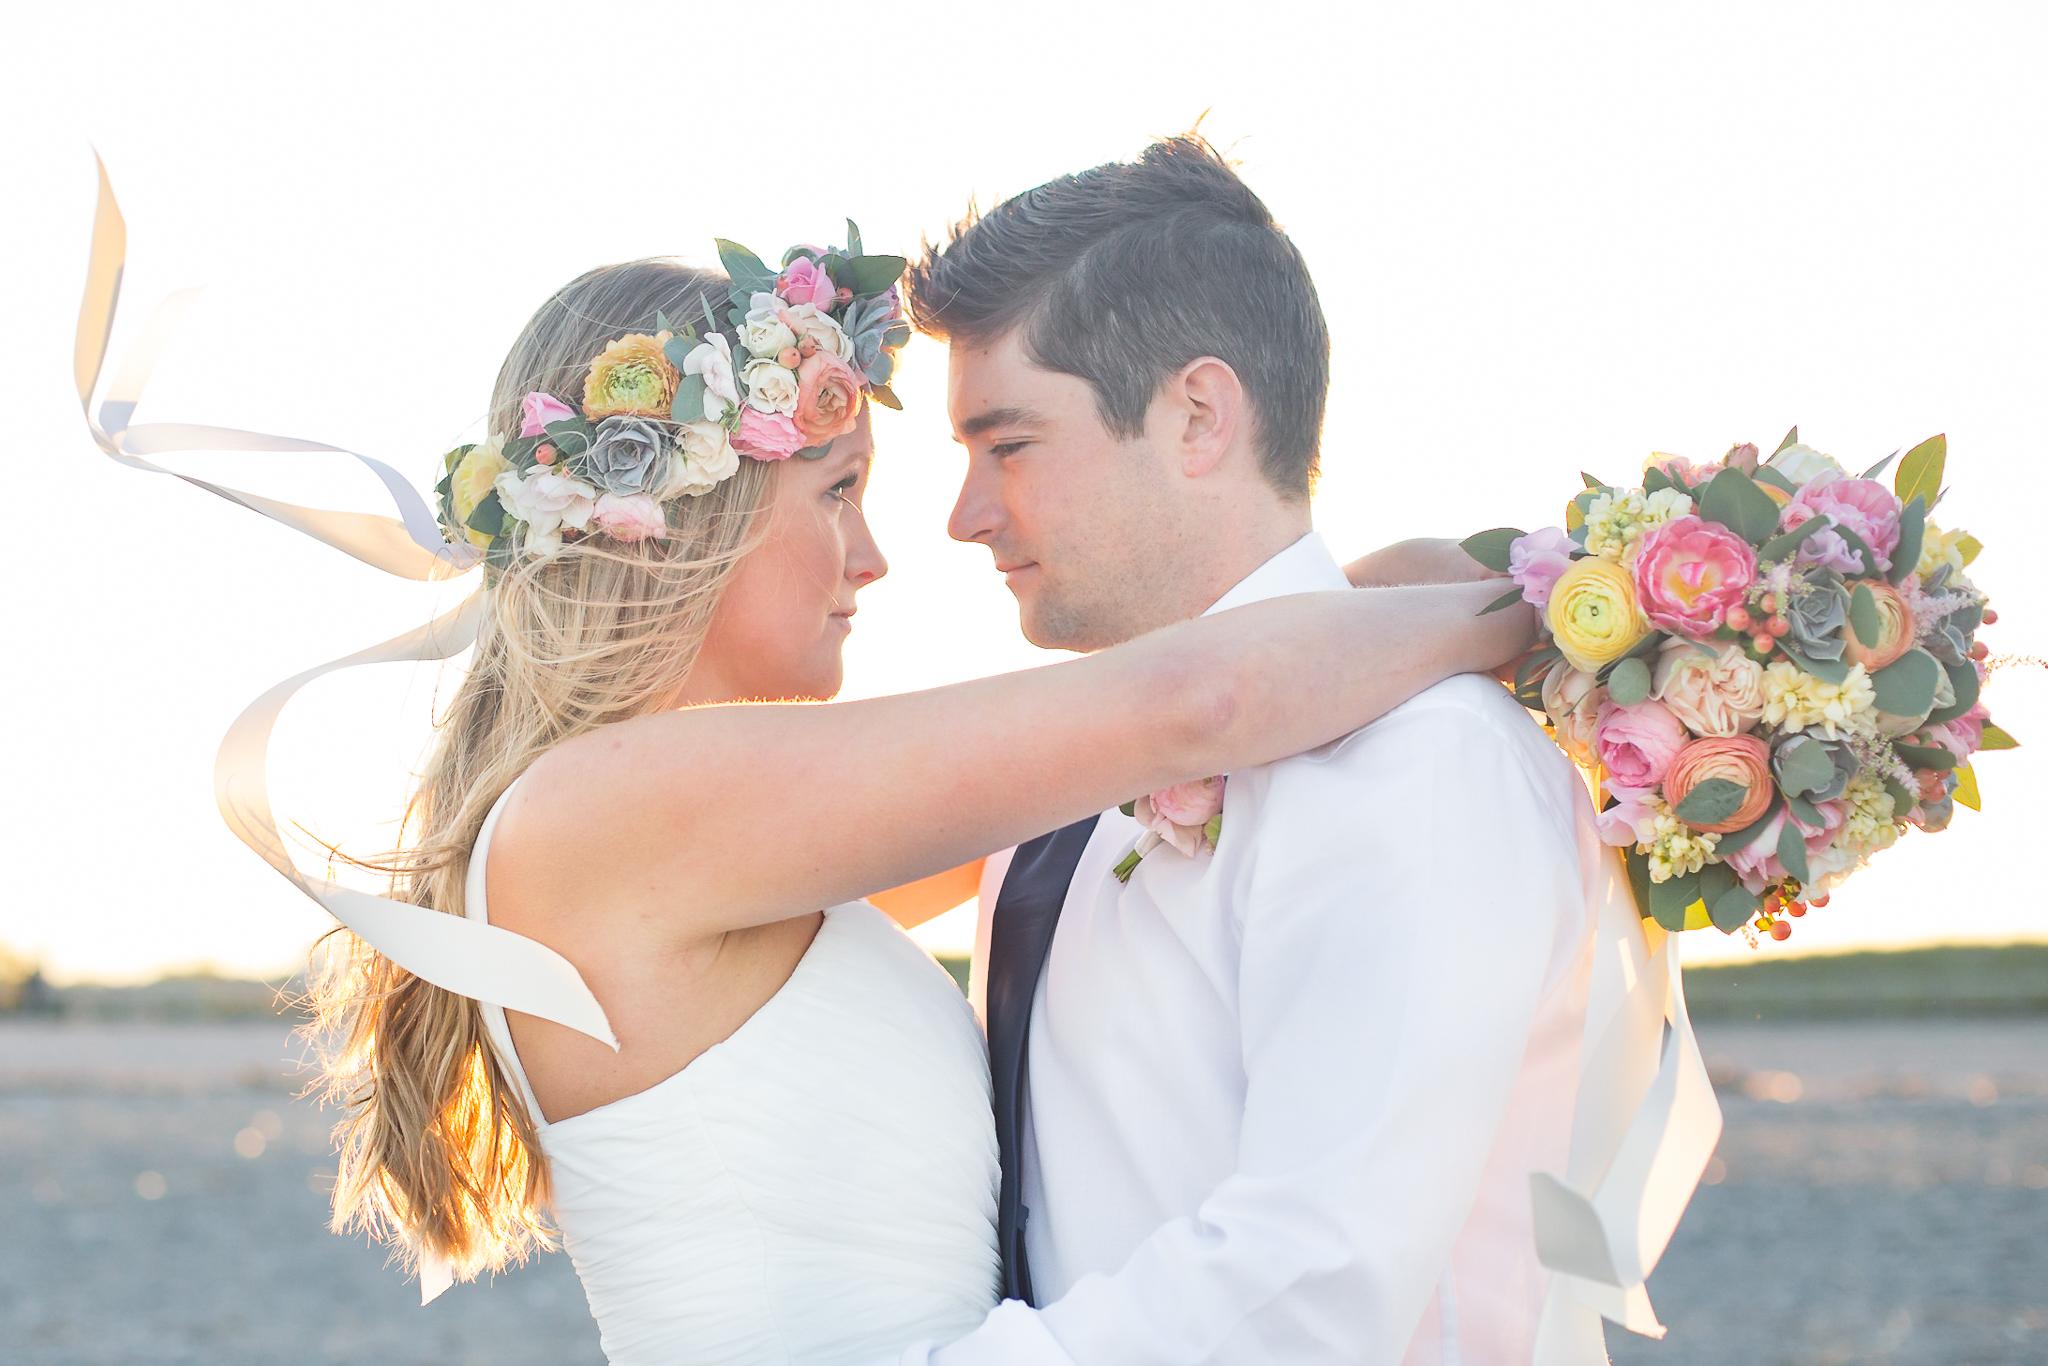 Sunset Beach Wedding Inspiration on Glamour & Grace | Shaina Lee Photography | CT, NYC + Destination Wedding + Engagement Photographer